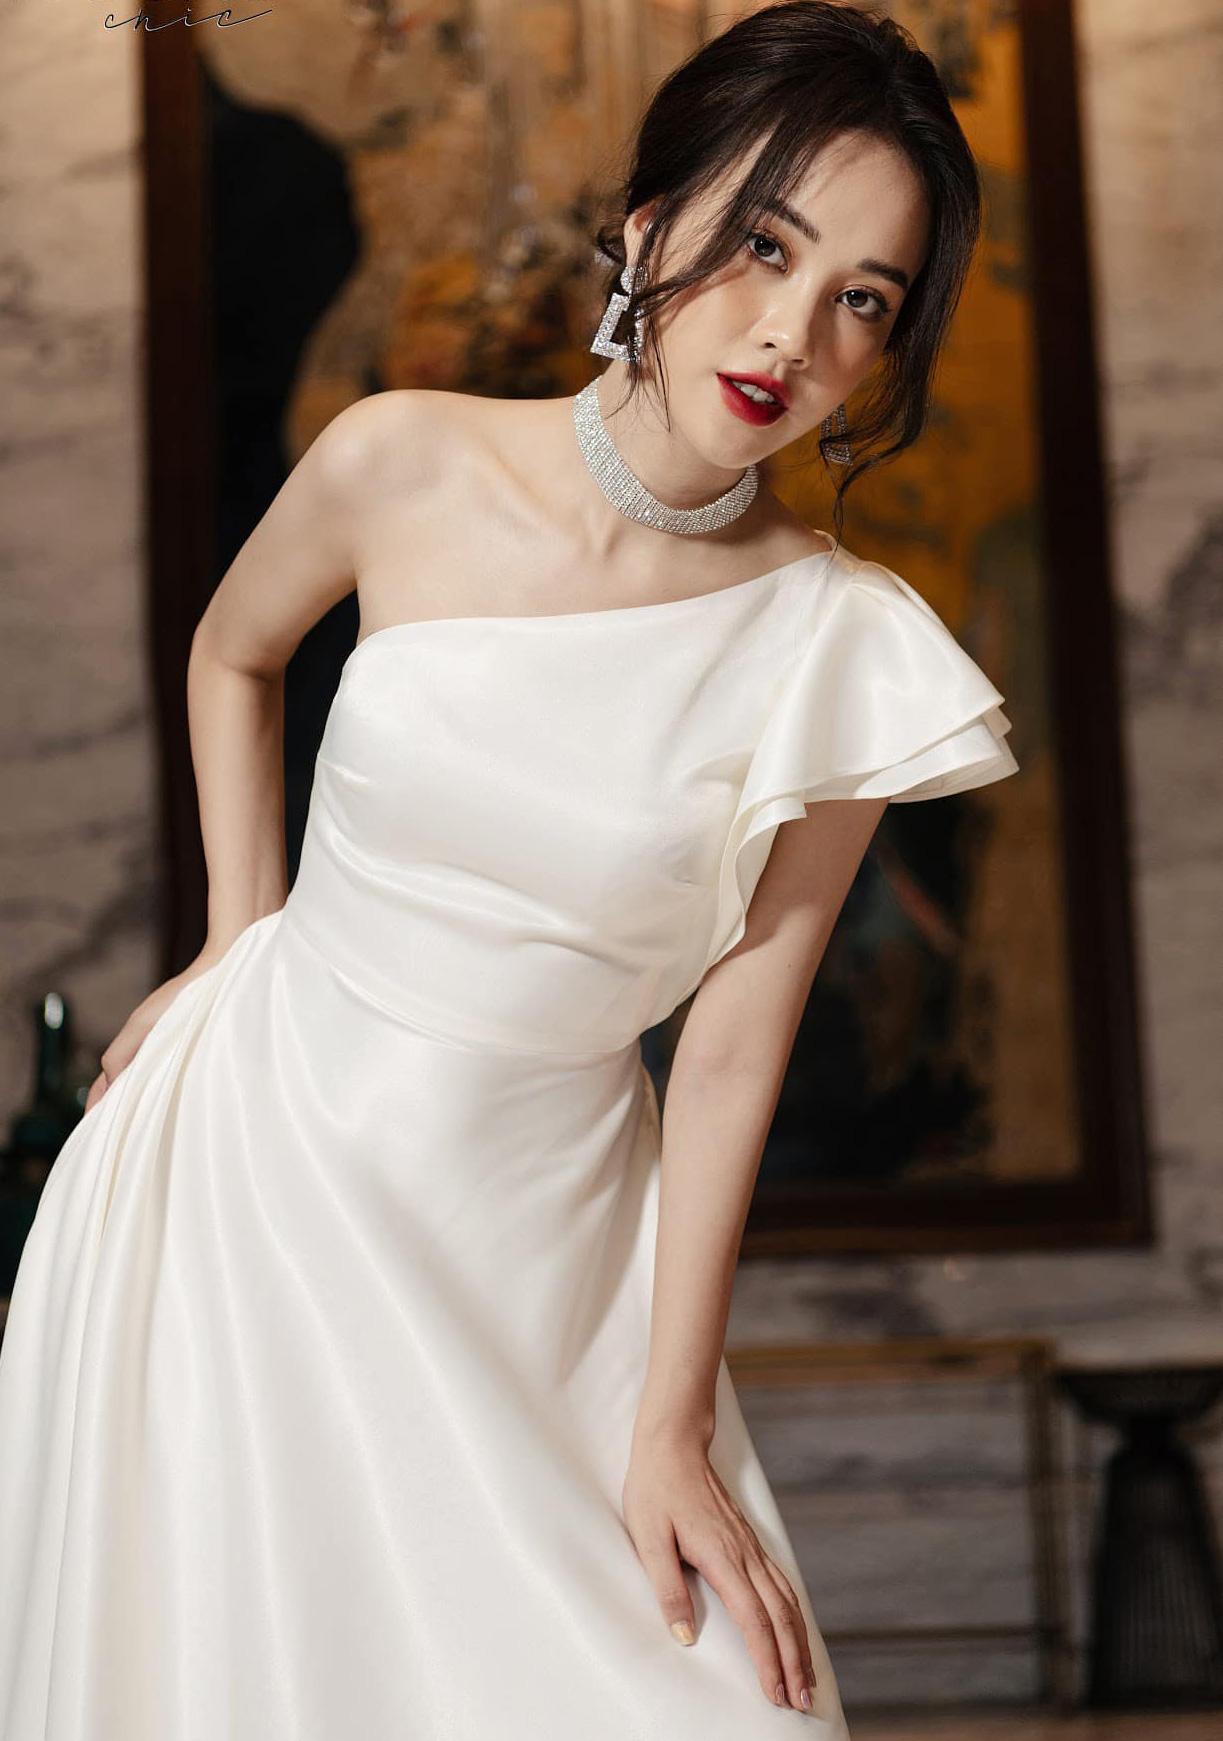 Nữ MC VTV xinh đẹp tựa nữ thần bỗng nhiên là thí sinh Hoa hậu Việt Nam 2020 vì lý do không ngờ là ai? - Ảnh 6.